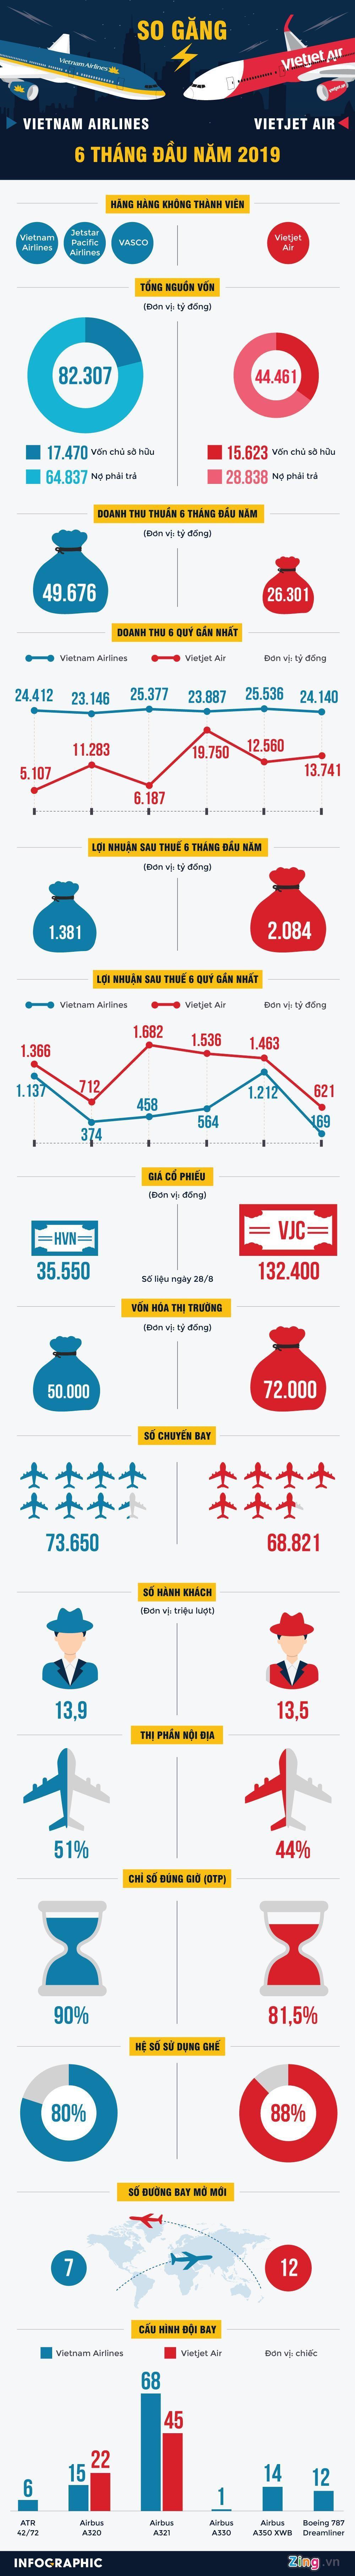 Thế so kè của Vietnam Airlines và Vietjet Air trên bầu trời - Ảnh 1.